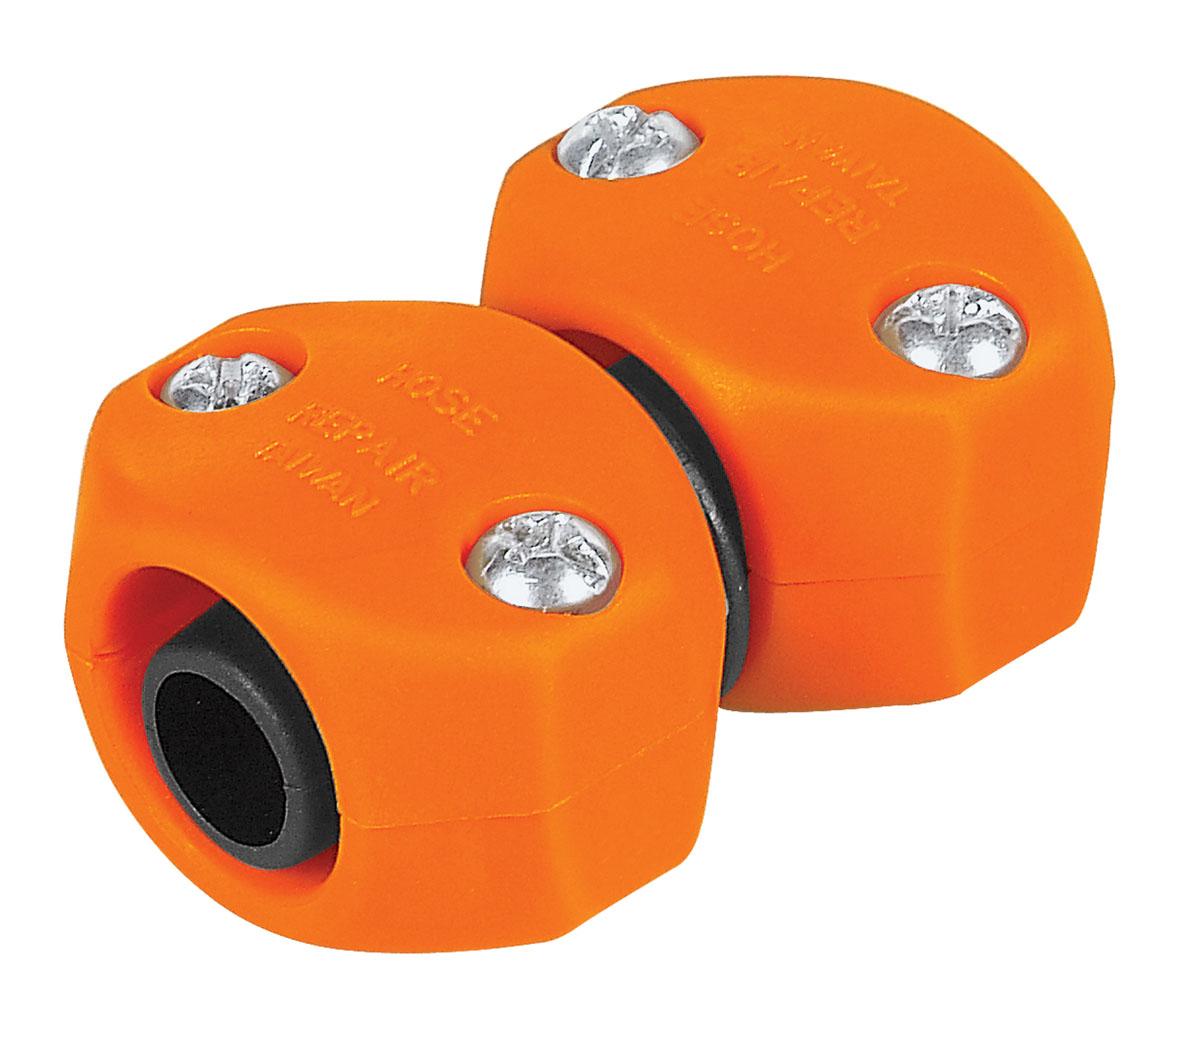 Коннектор ремонтный для шланга Truper, пластиковый, папа-мама, 1/2REMA-1/2Шланговый коннектор Truper, выполненный из пластика, предназначен для быстрого и многократного присоединения и отсоединения шланга к насадкам или крану. Тип соединения папа-мама.